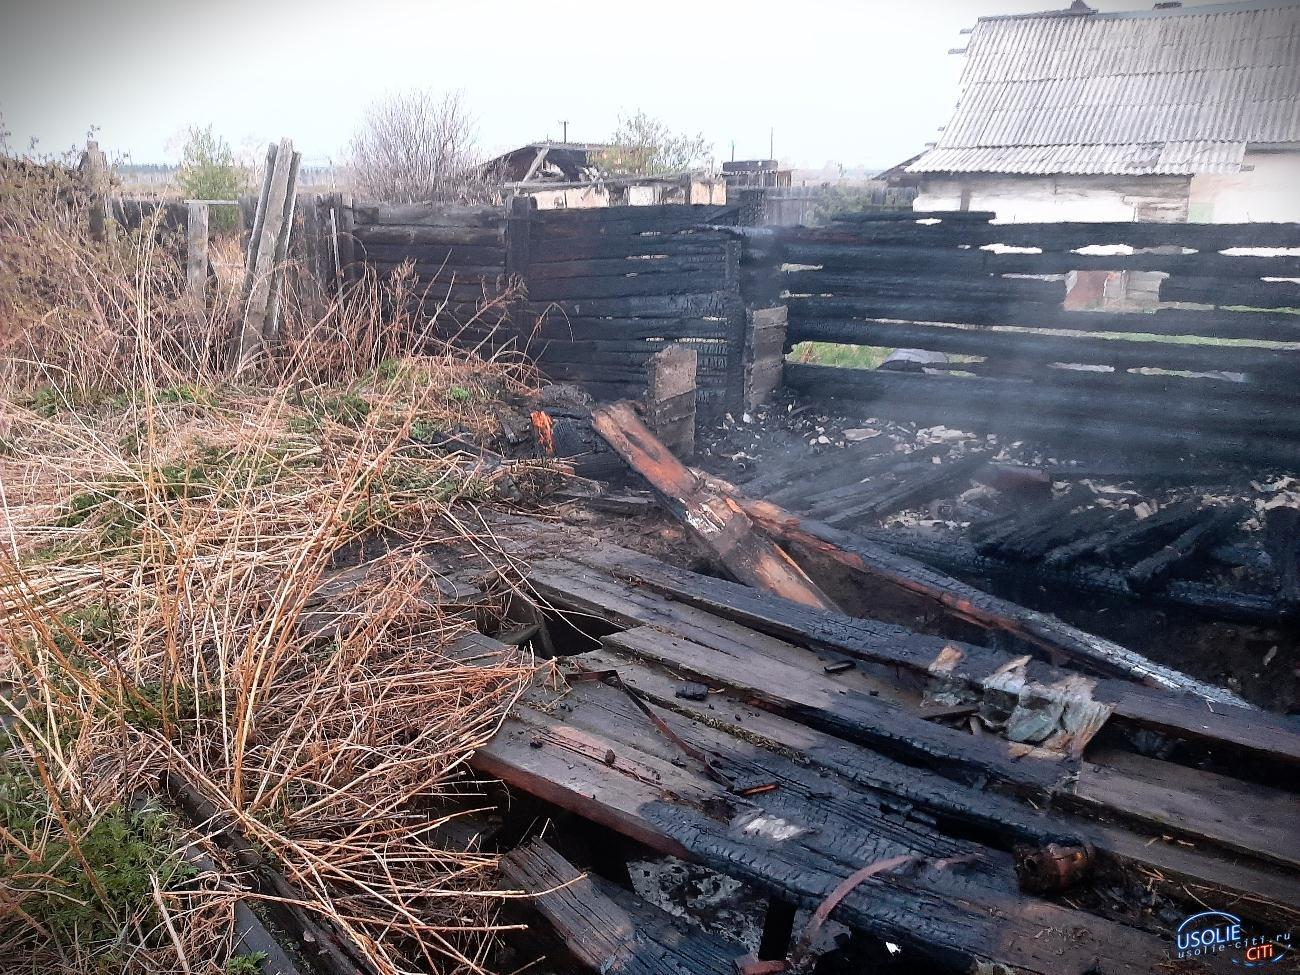 Дом горел по улице Полевой на станции Тельма Усольского района